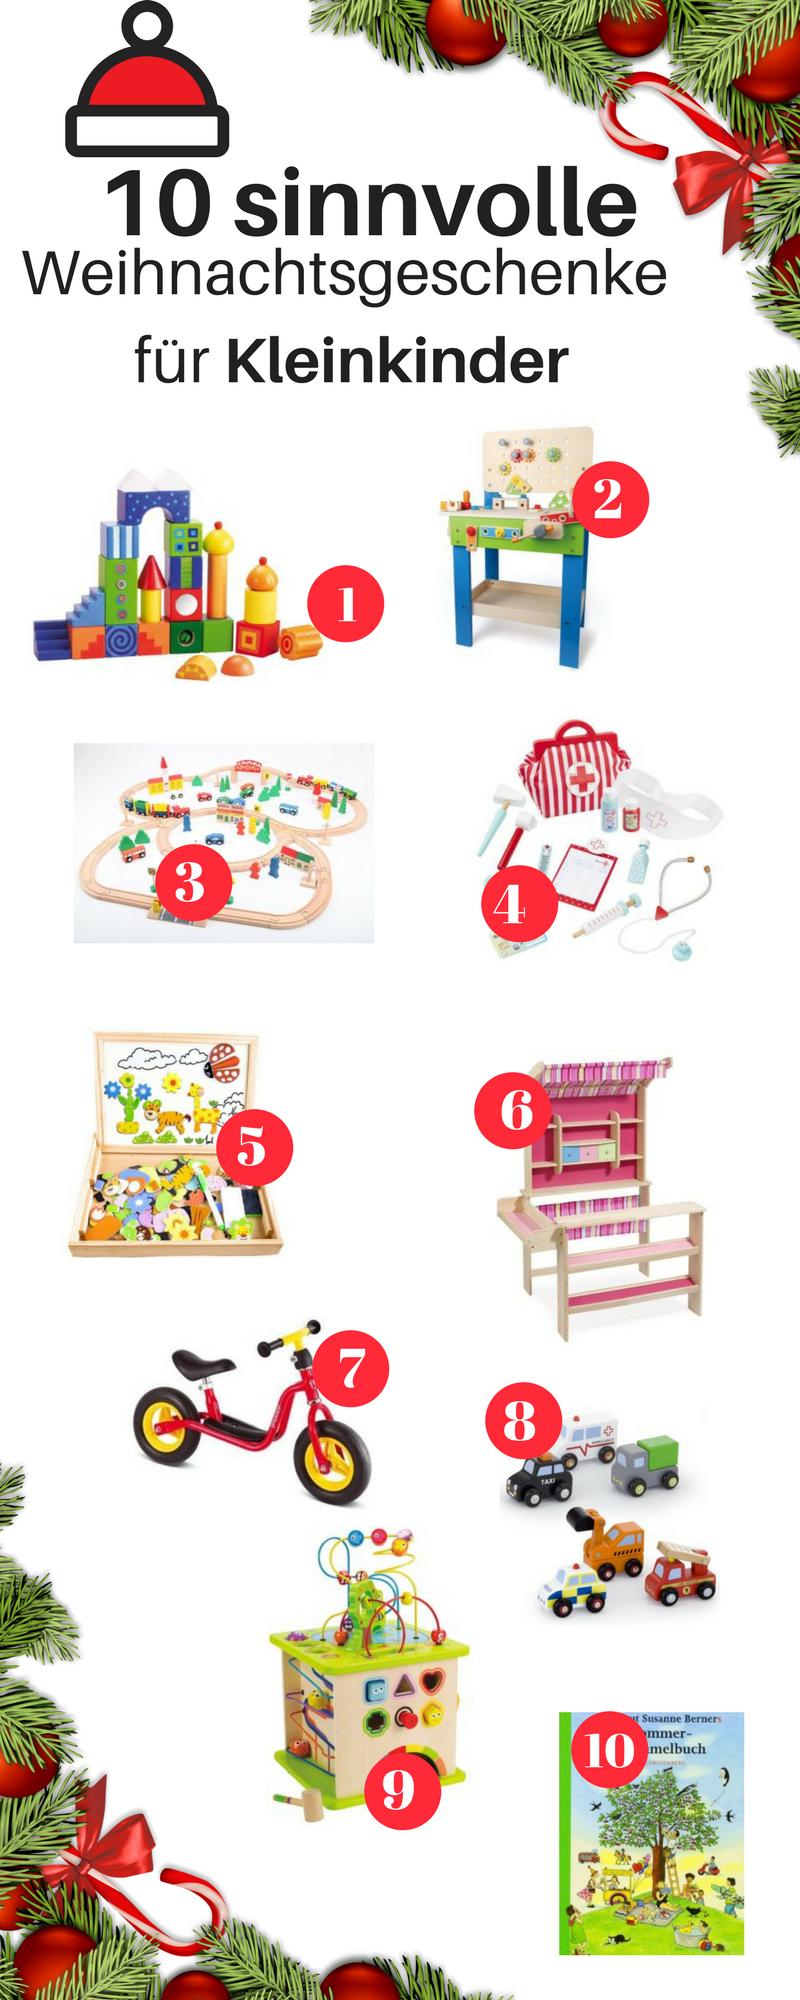 Weihnachtsgeschenke für Kleinkinder | Alltag mit Baby | Pinterest ...